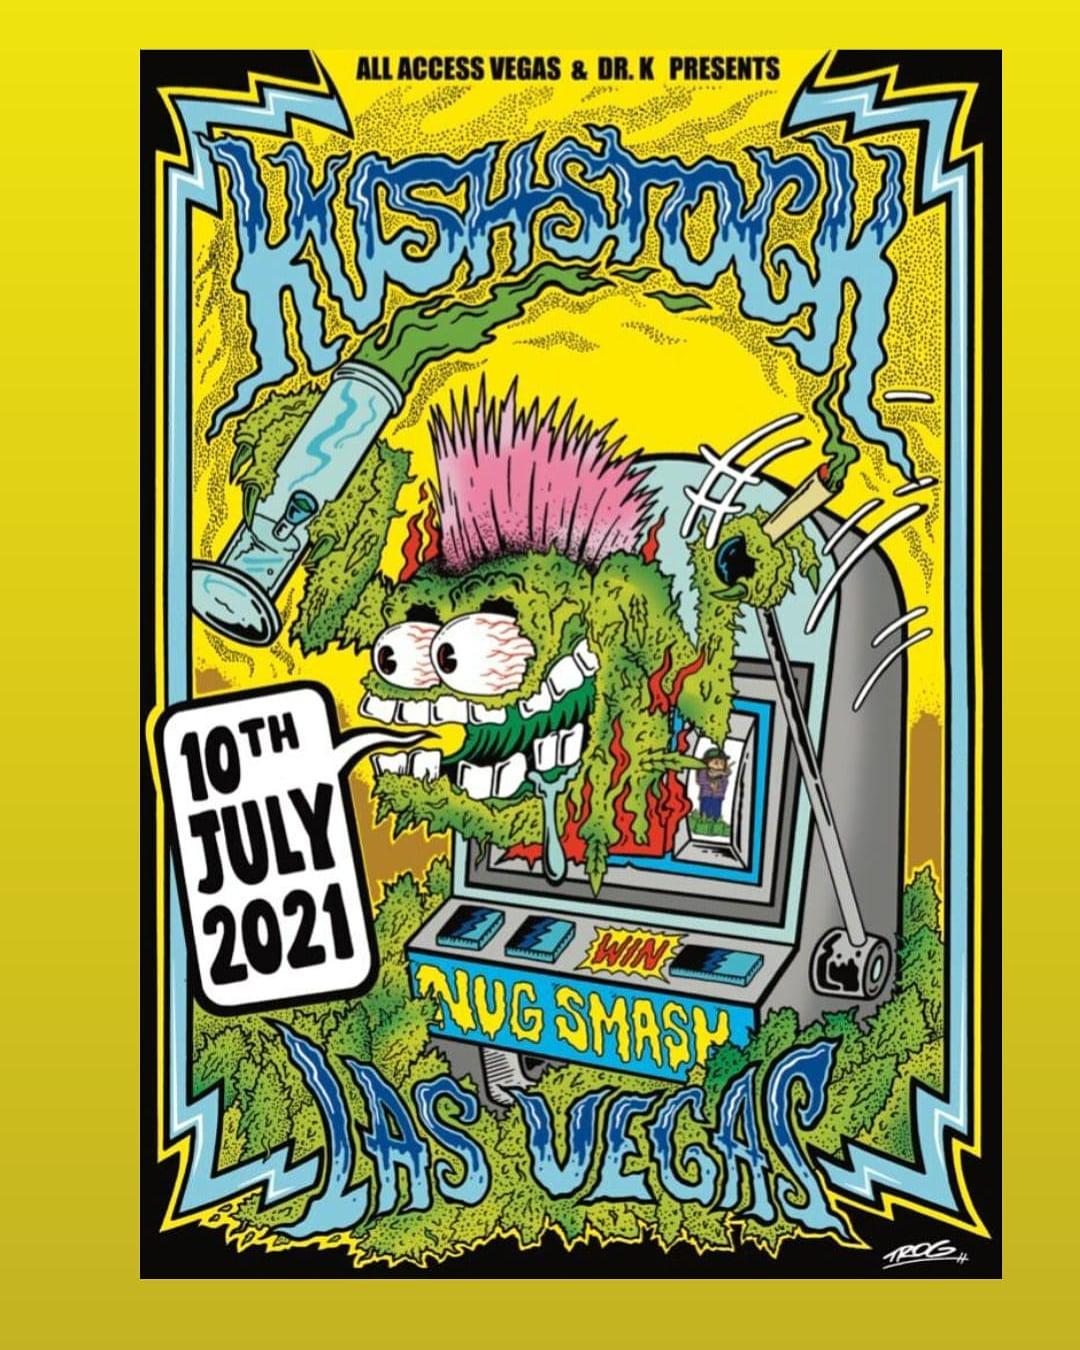 Kushstock Las Vegas